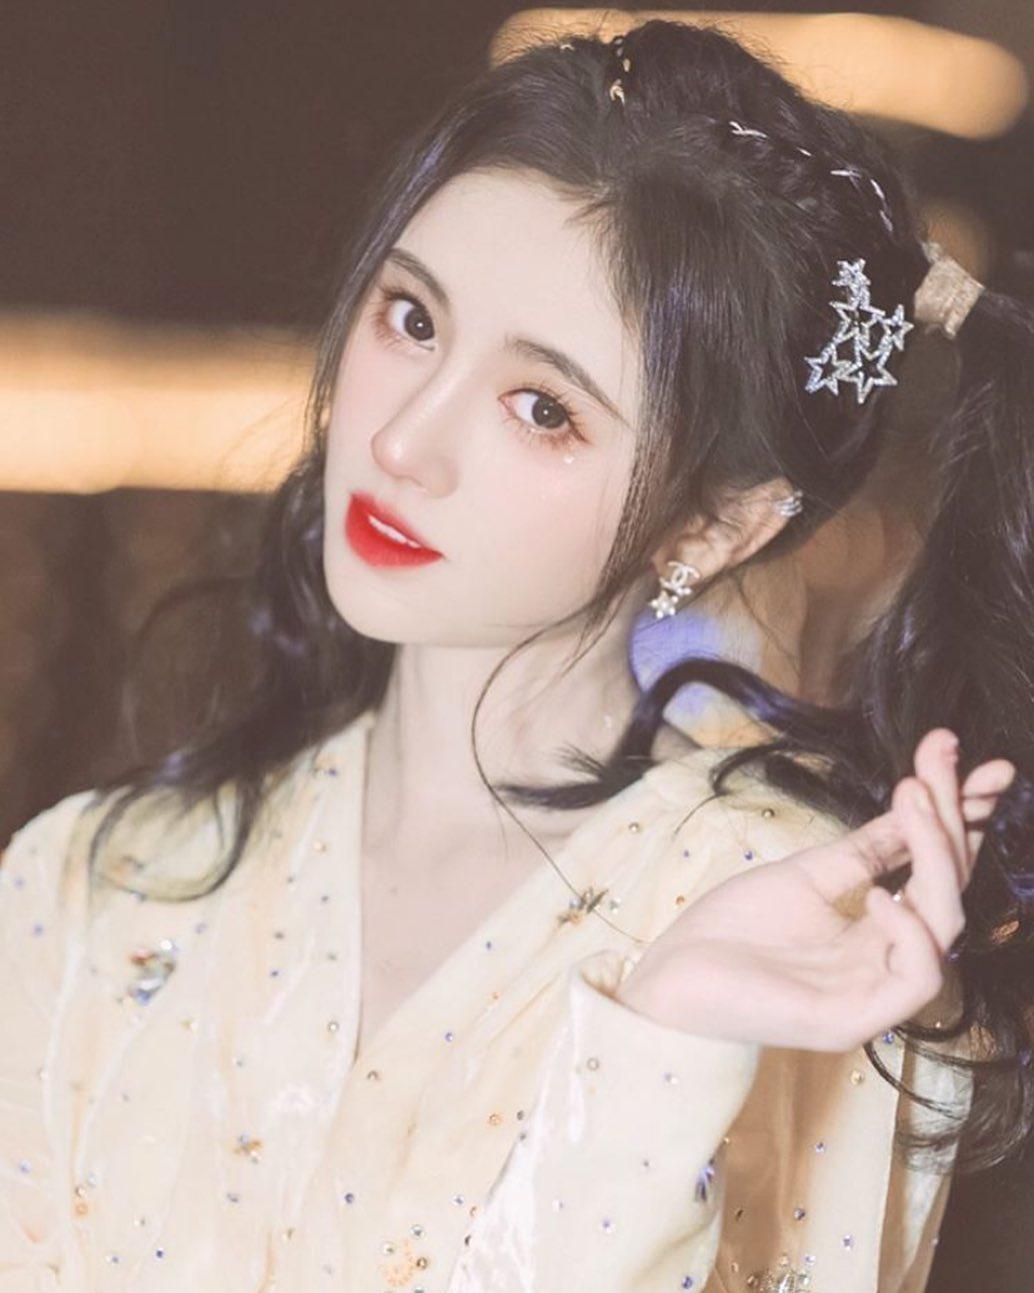 Lối trang điểm của Cúc Tịnh Y phù hợp với tiêu chuẩn sắc đẹp của các cô gái Trung Quốc, giúp cô tạo nên nét quyến rũ, thu hút như một thần tiên tỷ tỷ.